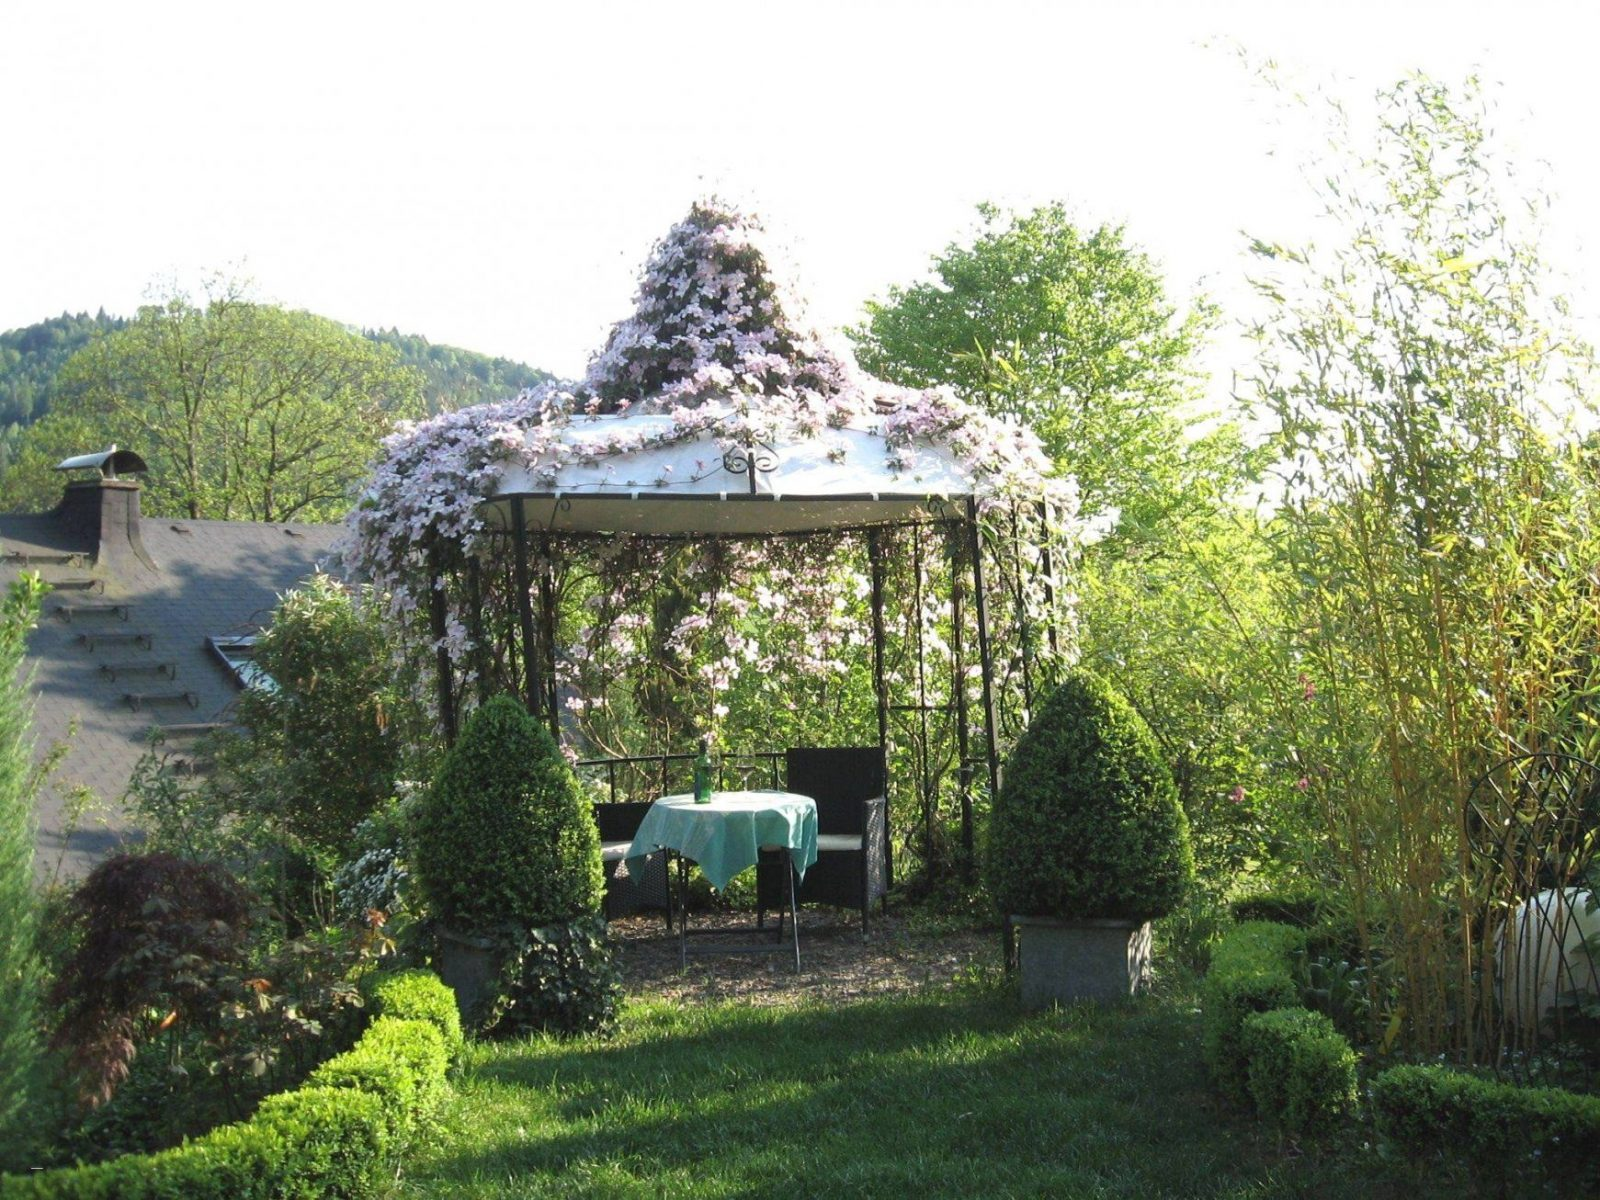 Gartengestaltung Ohne Rasen Frisch Neueste Garten Ohne Rasen von Garten Ohne Rasen Alternativen Zum Rasen Photo